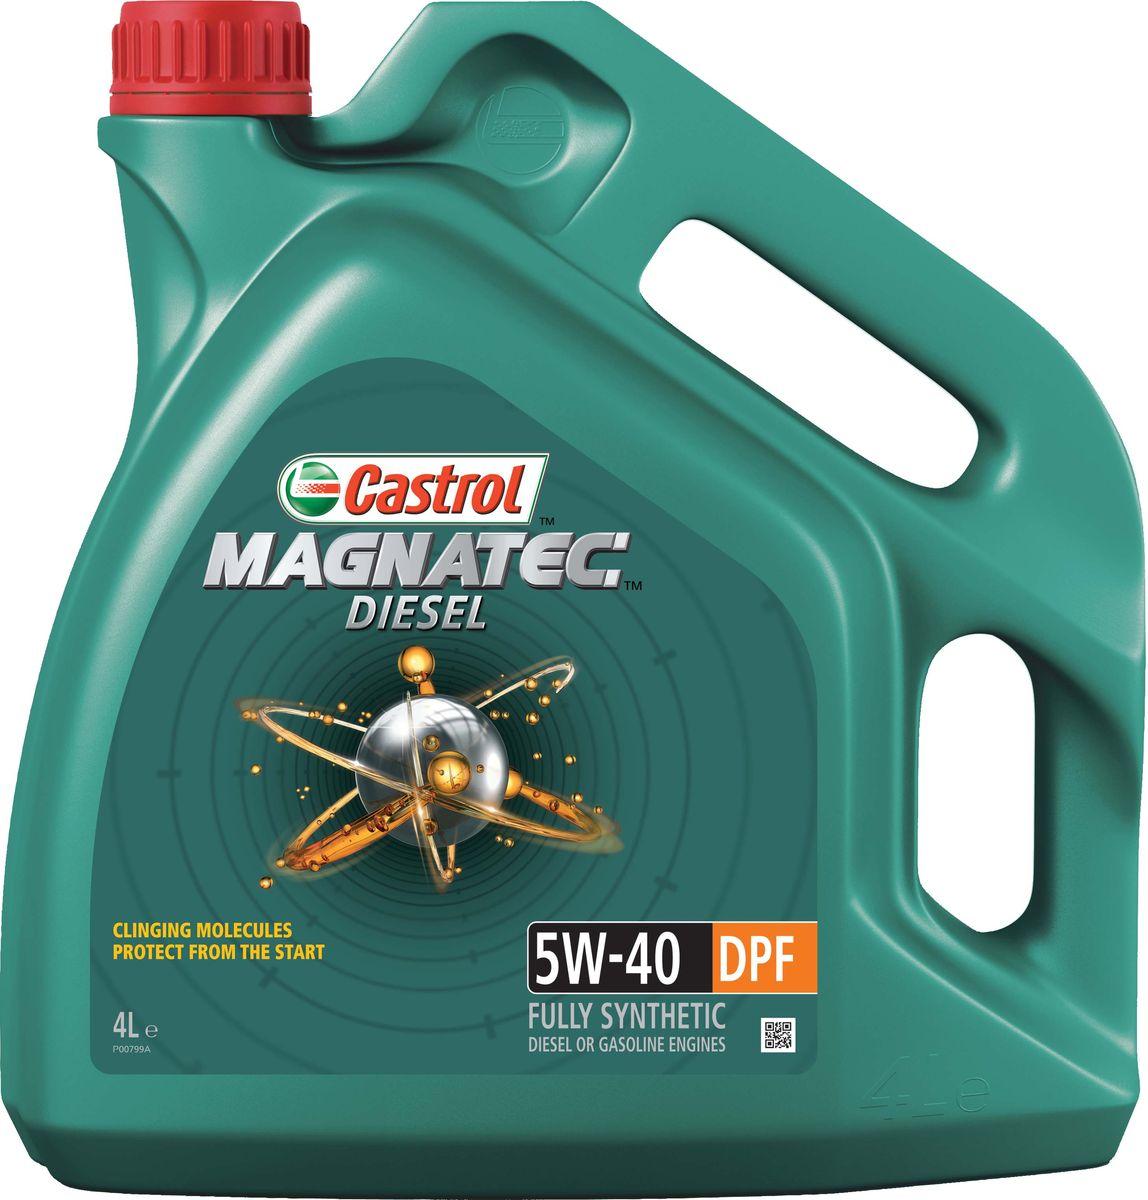 Масло моторное Castrol Magnatec Diesel, синтетическое, класс вязкости 5W-40, DPF, 4 л10503До 75% износа двигателя происходит во время его пуска и прогрева. Когда двигатель выключен, обычное масло стекает в поддон картера, оставляя важнейшие детали двигателя незащищенными. Молекулы Castrol Magnatec Diesel подобно магниту притягиваются к деталям двигателя и образуют сверхпрочную масляную пленку, обеспечивающую дополнительную защиту двигателя в период пуска, когда риск возникновения износа существенно возрастает.Моторное масло Castrol Magnatec Diesel предназначено для дизельных и бензиновых двигателей легковых автомобилей, где производитель рекомендует смазочные материалы, соответствующие классу вязкости SAE 5W-40 и спецификациям API SN/CF или ACEA C3, включая автомобили оснащенные сажевым фильтром (DPF).Castrol Magnatec Diesel защищает двигатель всегда:- специальная технология производства дизельных масел поддерживает эффективность работы двигателя с системой подачи топлива common rail и быстроту реагирования на нажатие педали акселератора;- эффективно удерживает сажу, образующуюся в процессе работы двигателя, сводя к минимуму загустевание масла.Castrol Magnatec Diesel может использоваться в двигателях с промежуточным охлаждением наддувочного воздуха и турбонаддувом, TDI, DI и CRDI.Спецификации.ACEA C3,API SN/CF,BMW Longlife-04,Meets Fiat 9.55535-S2,Meets Ford WSS-M2C917-A,MB-Approval 229.31,Volkswagen 502 00/ 505 00/ 505 01.Товар сертифицирован.